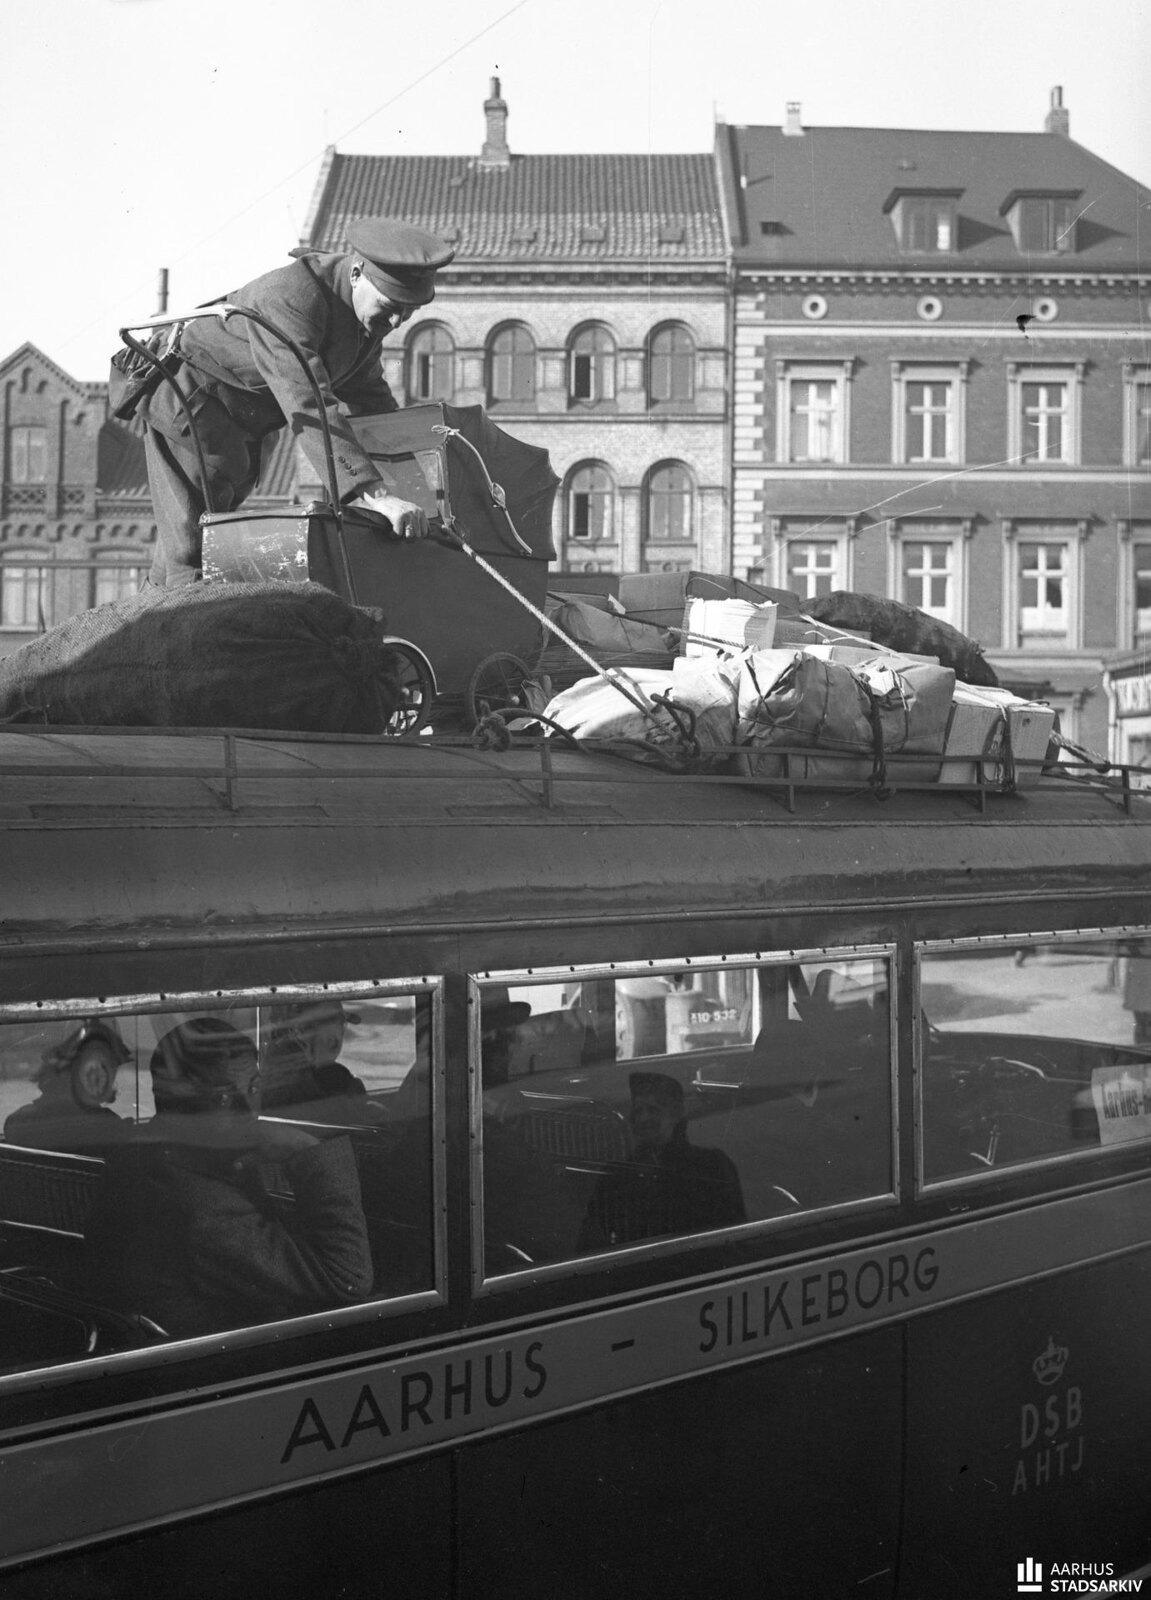 1943. Водитель Альфред Кристенсен загружает багаж на крышу автобуса